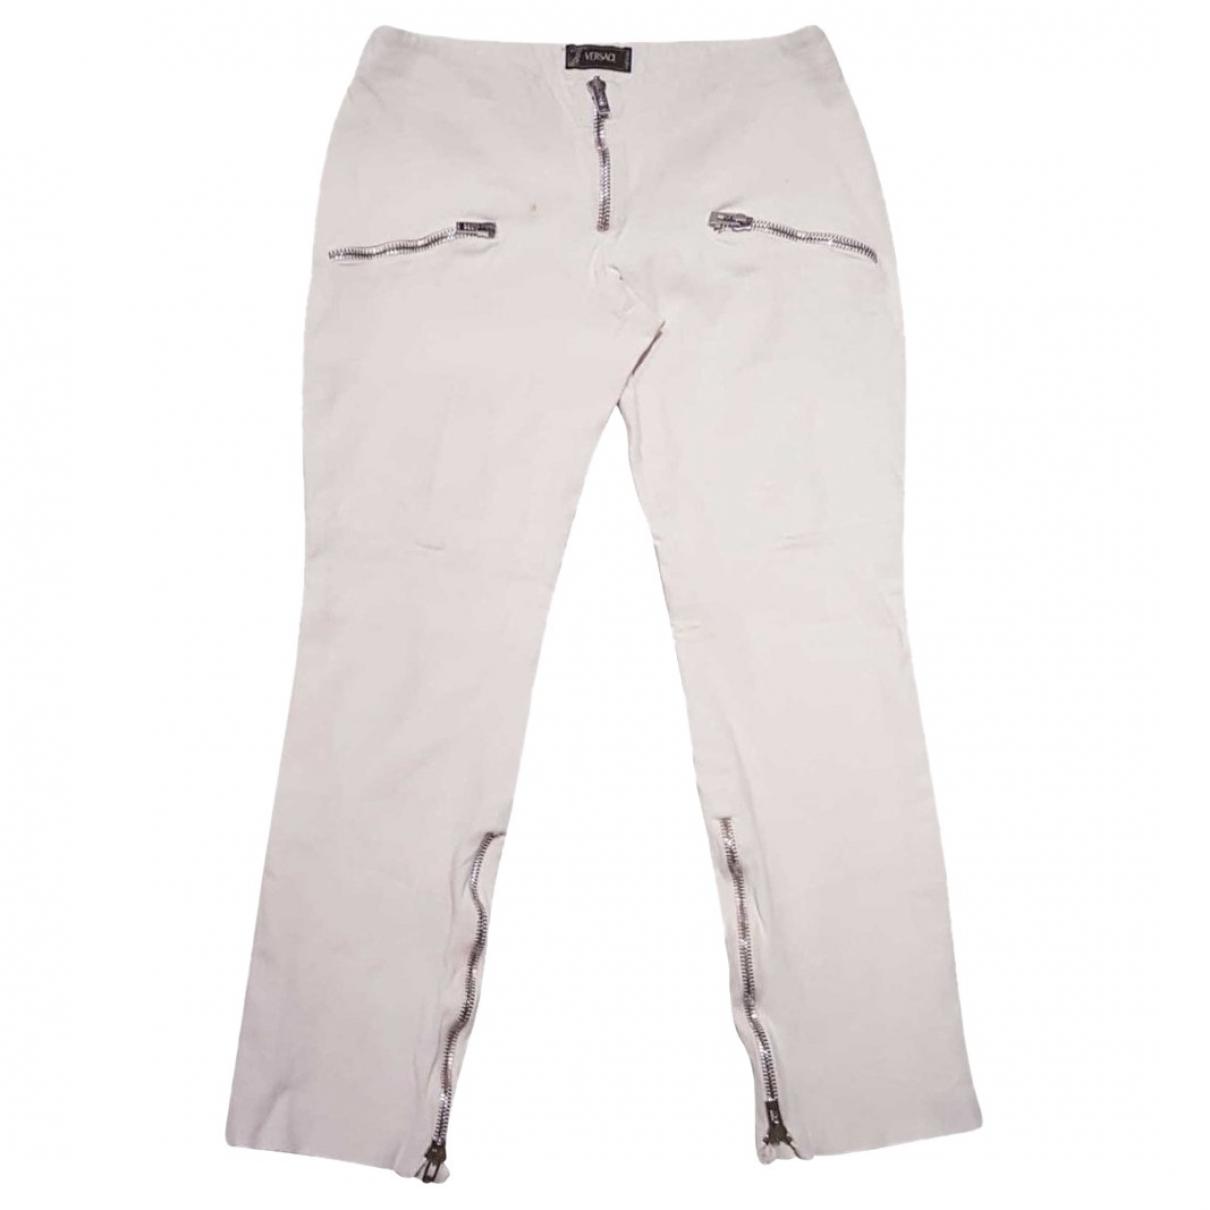 Pantalon en Algodon Blanco Versace